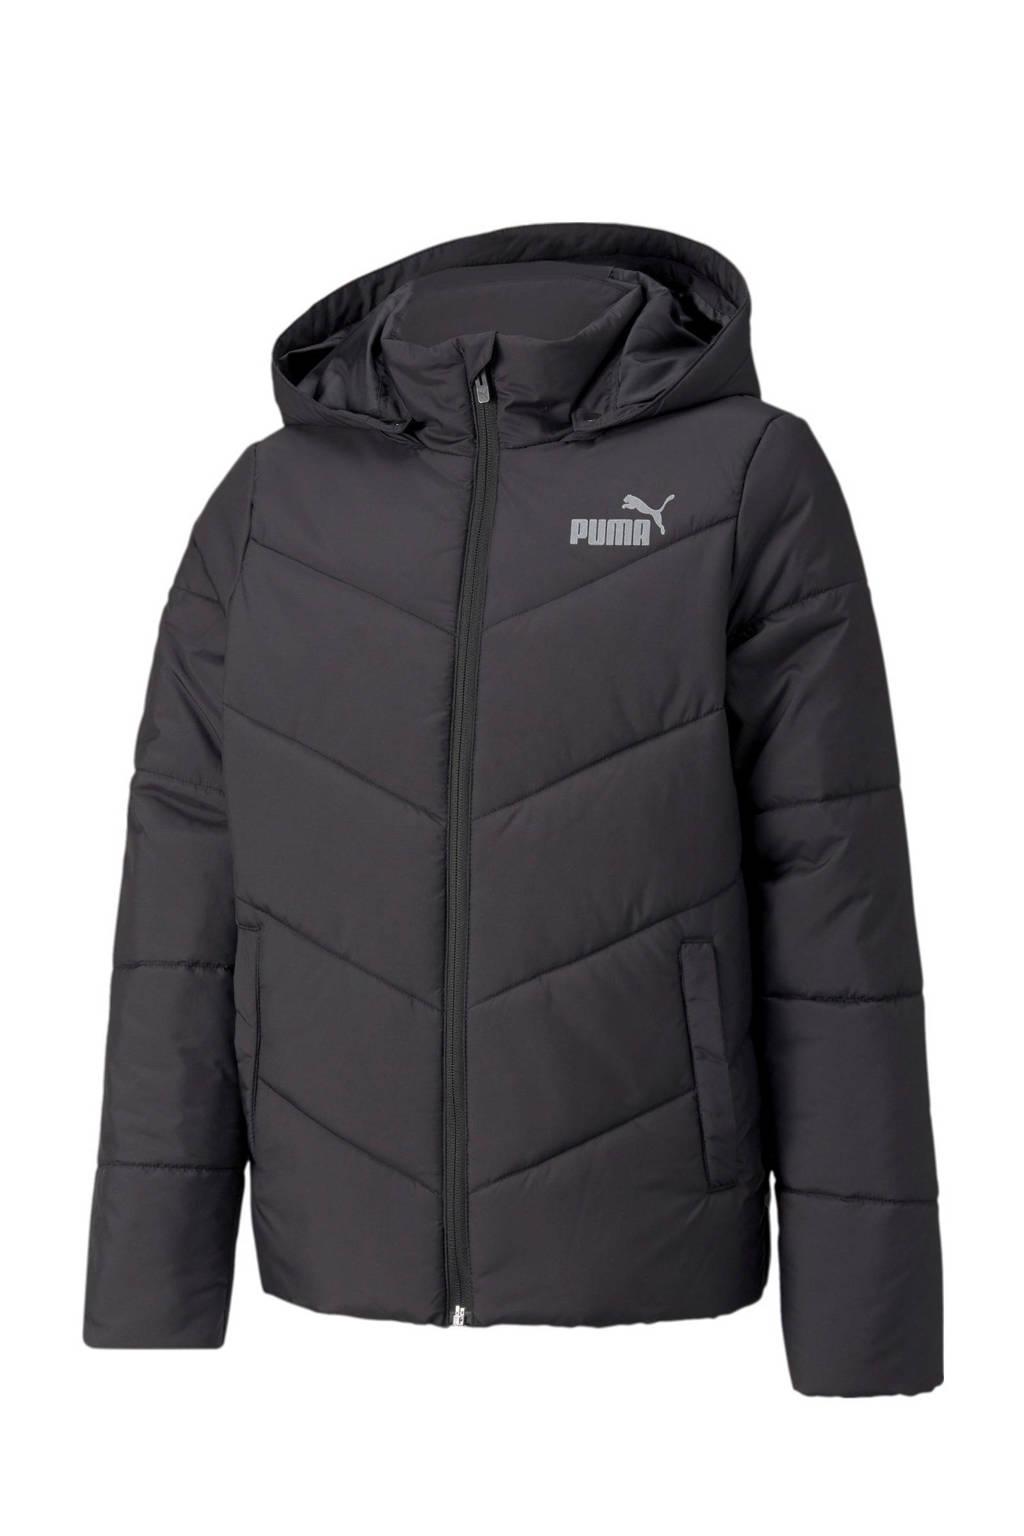 Puma gewatteerde jas met logo zwart, Zwart